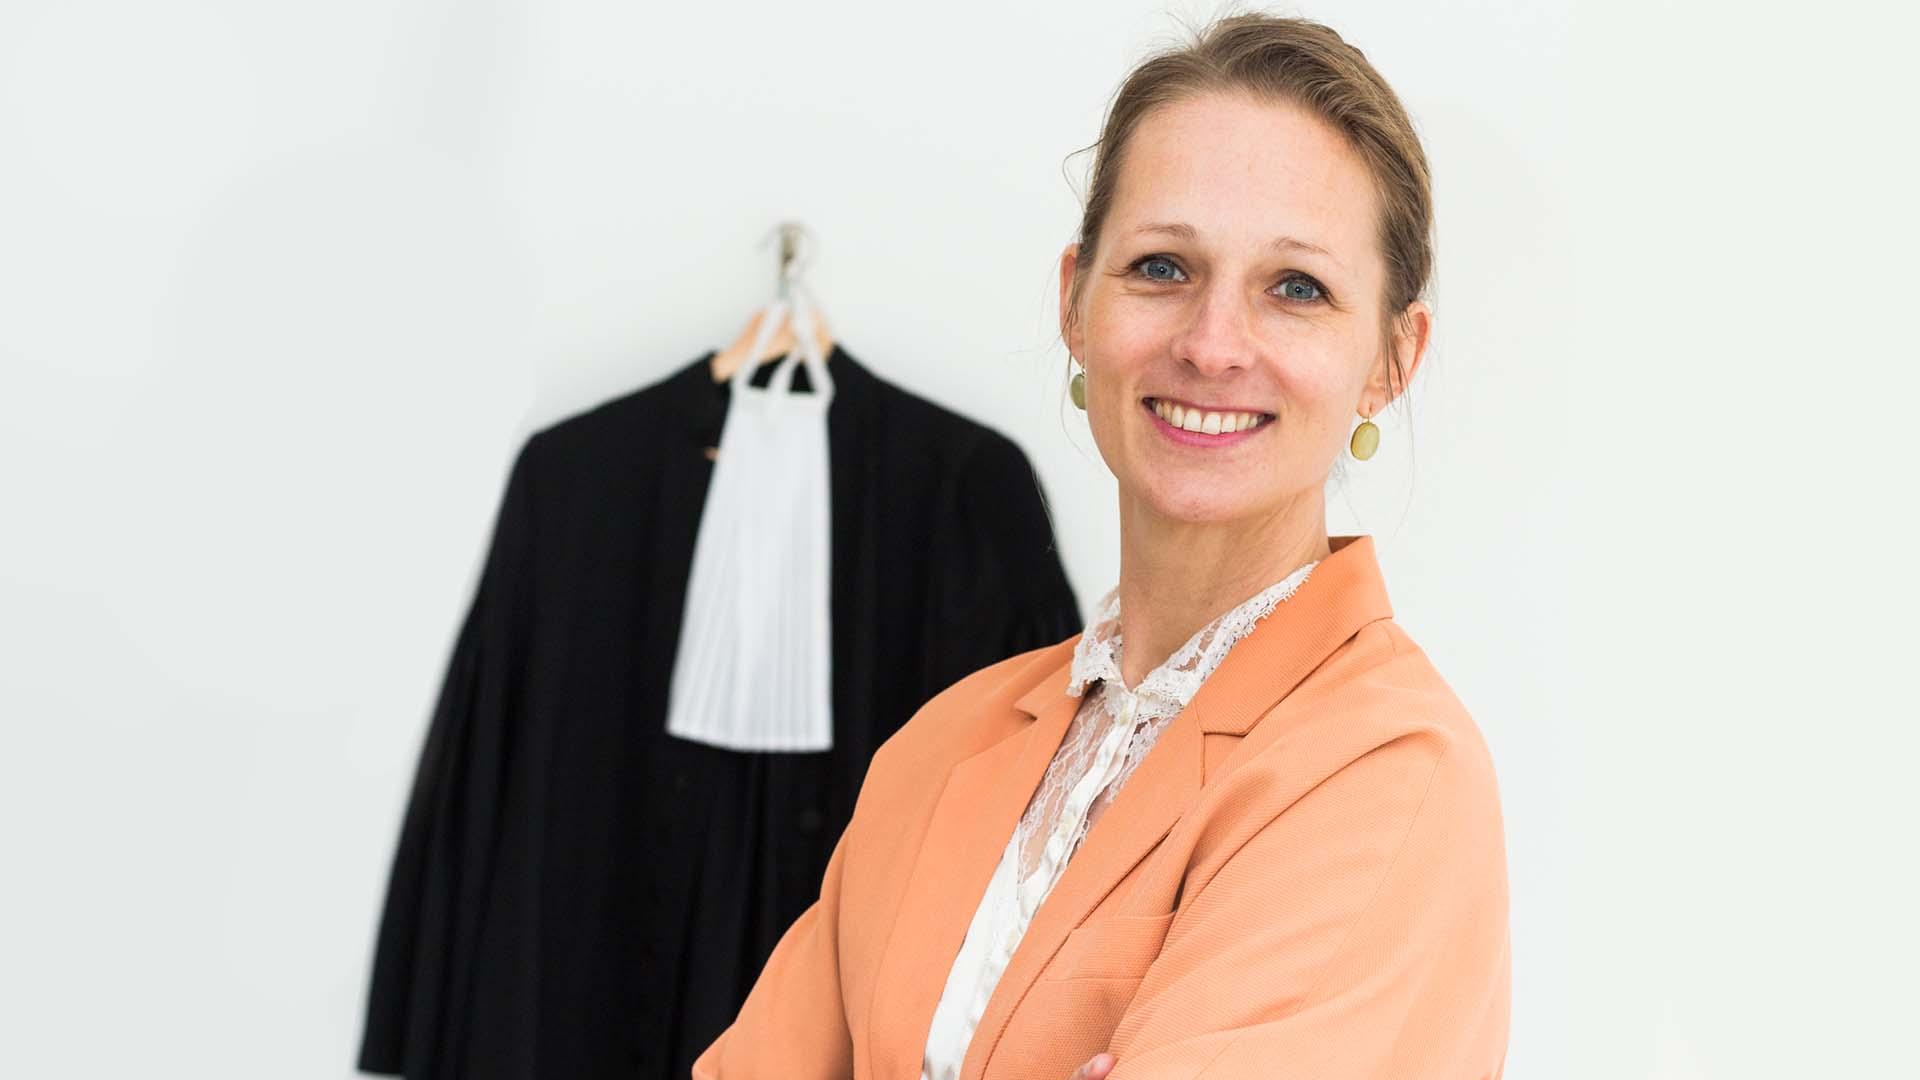 Genomineerde Legal Woman of the Year Janneke Mulder: 'Mediaton maakt milder'